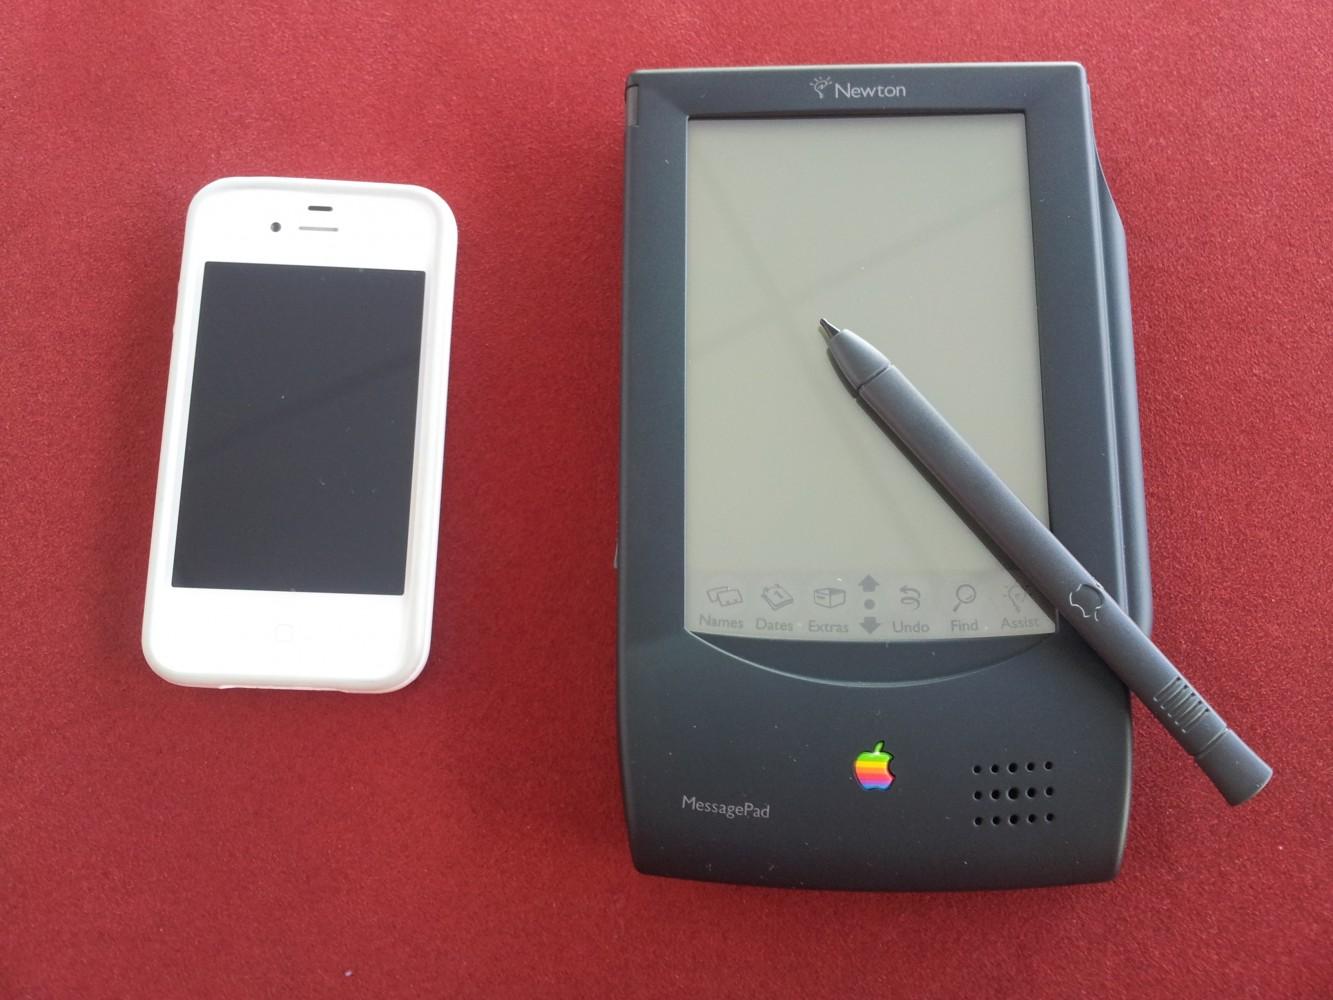 iPhone i jämförelse med MessagePad